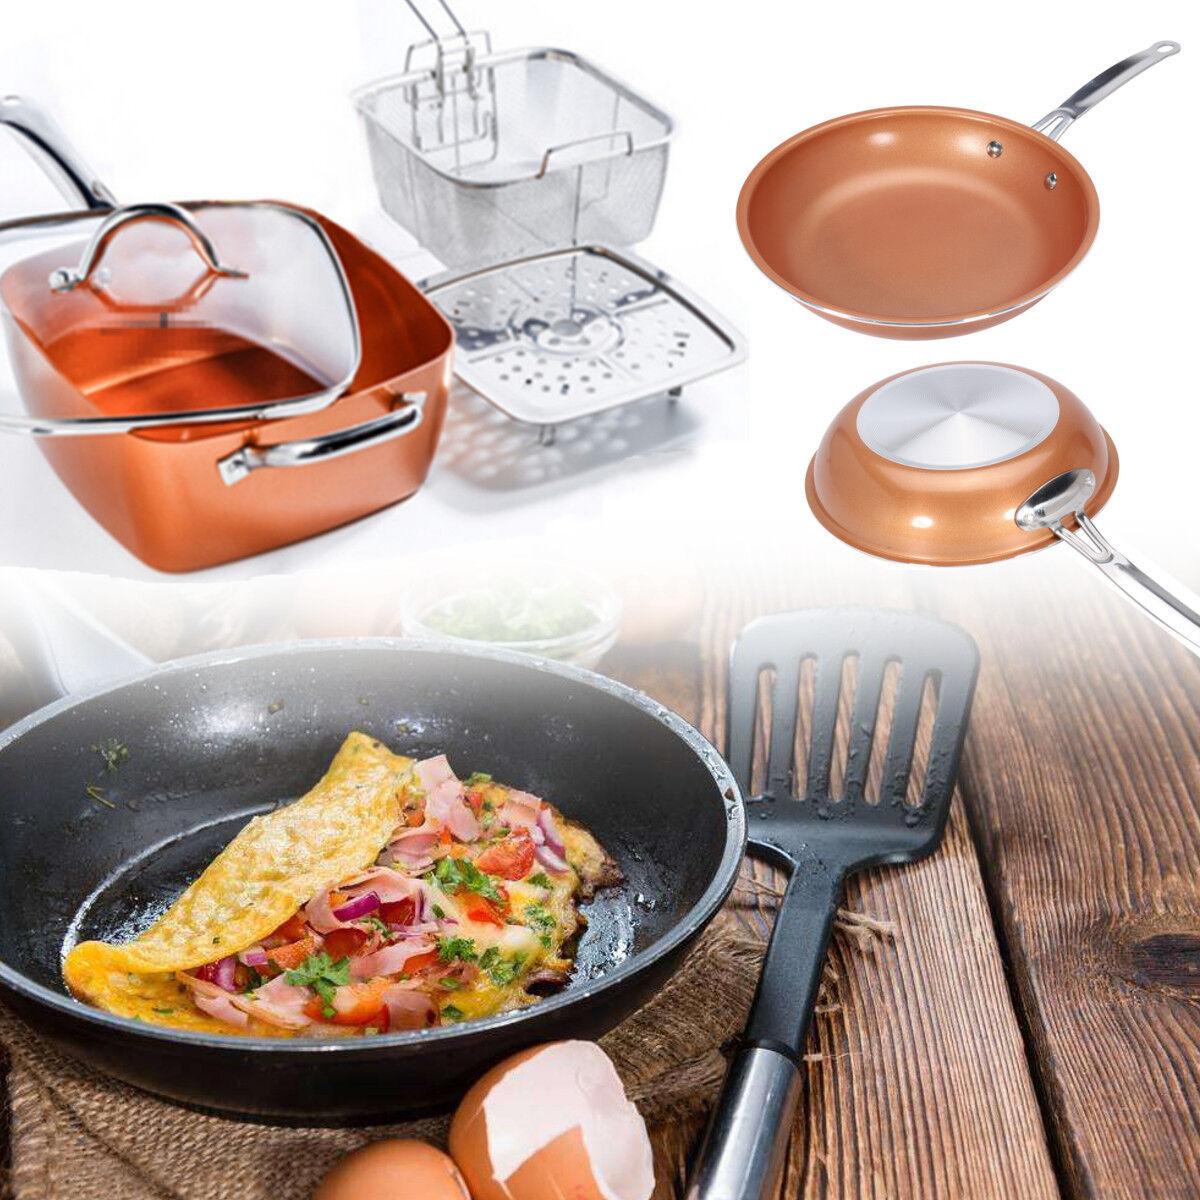 Cuivre Rond   Carré Poêle Induction Chef Couvercle Verre Fry Panier Vapeur